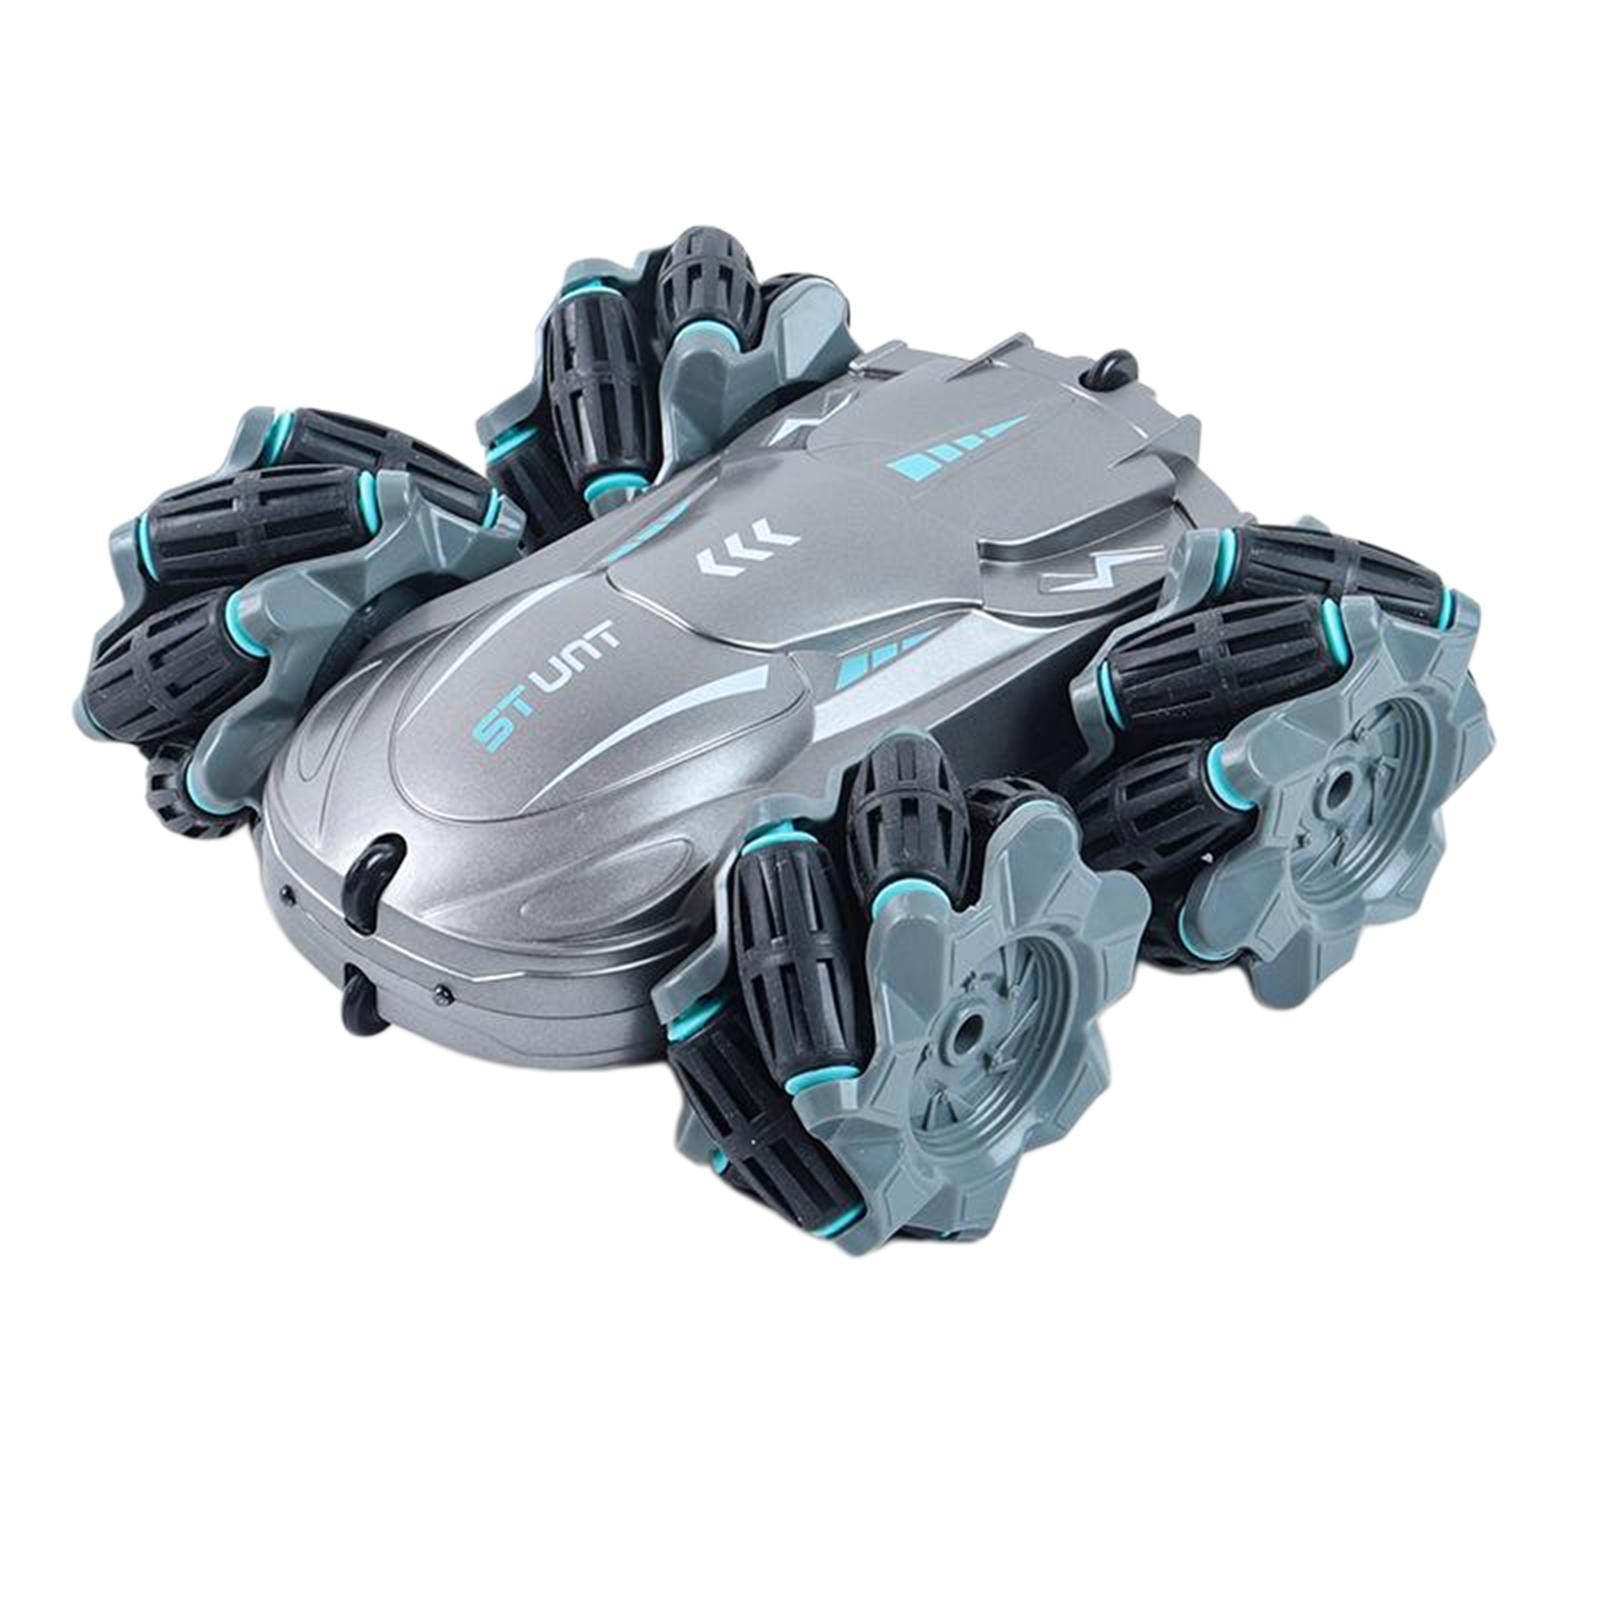 miniatura 14 - Telecomando Auto Stunt Car Giocattolo Per Bambini 2.4GHz di Controllo Remoto